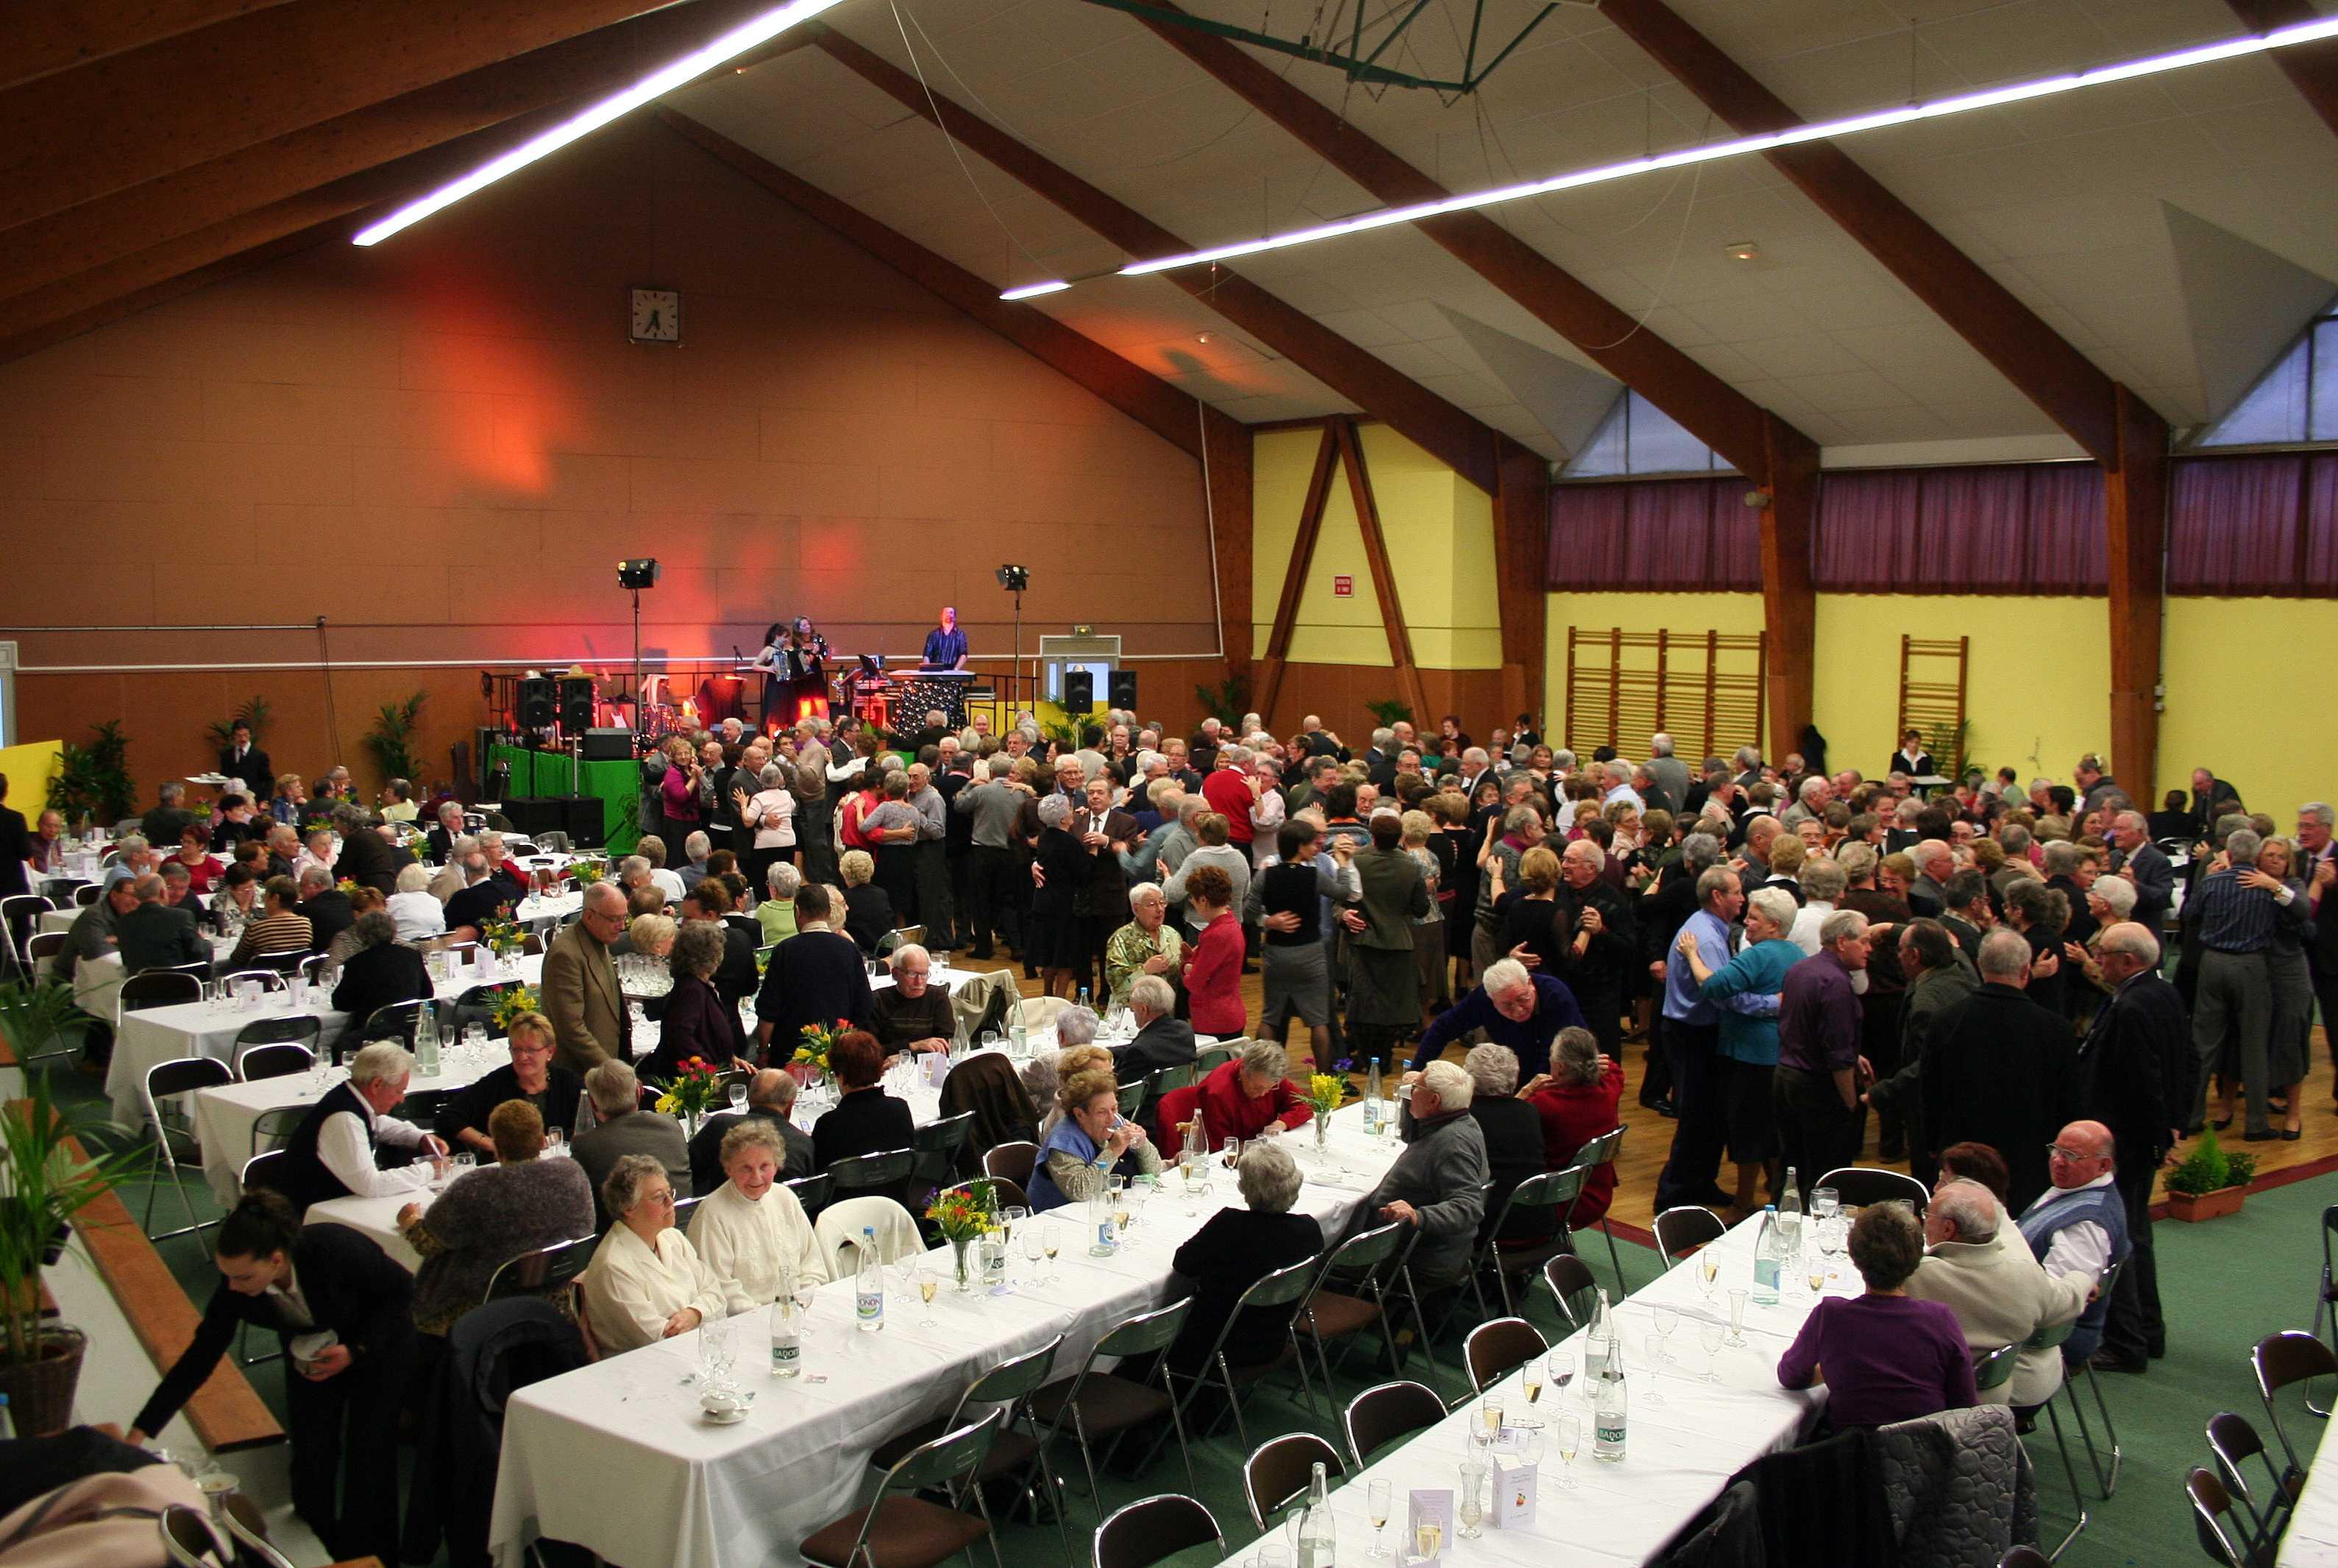 orchestre balad cormelles le royal fevrier 2008